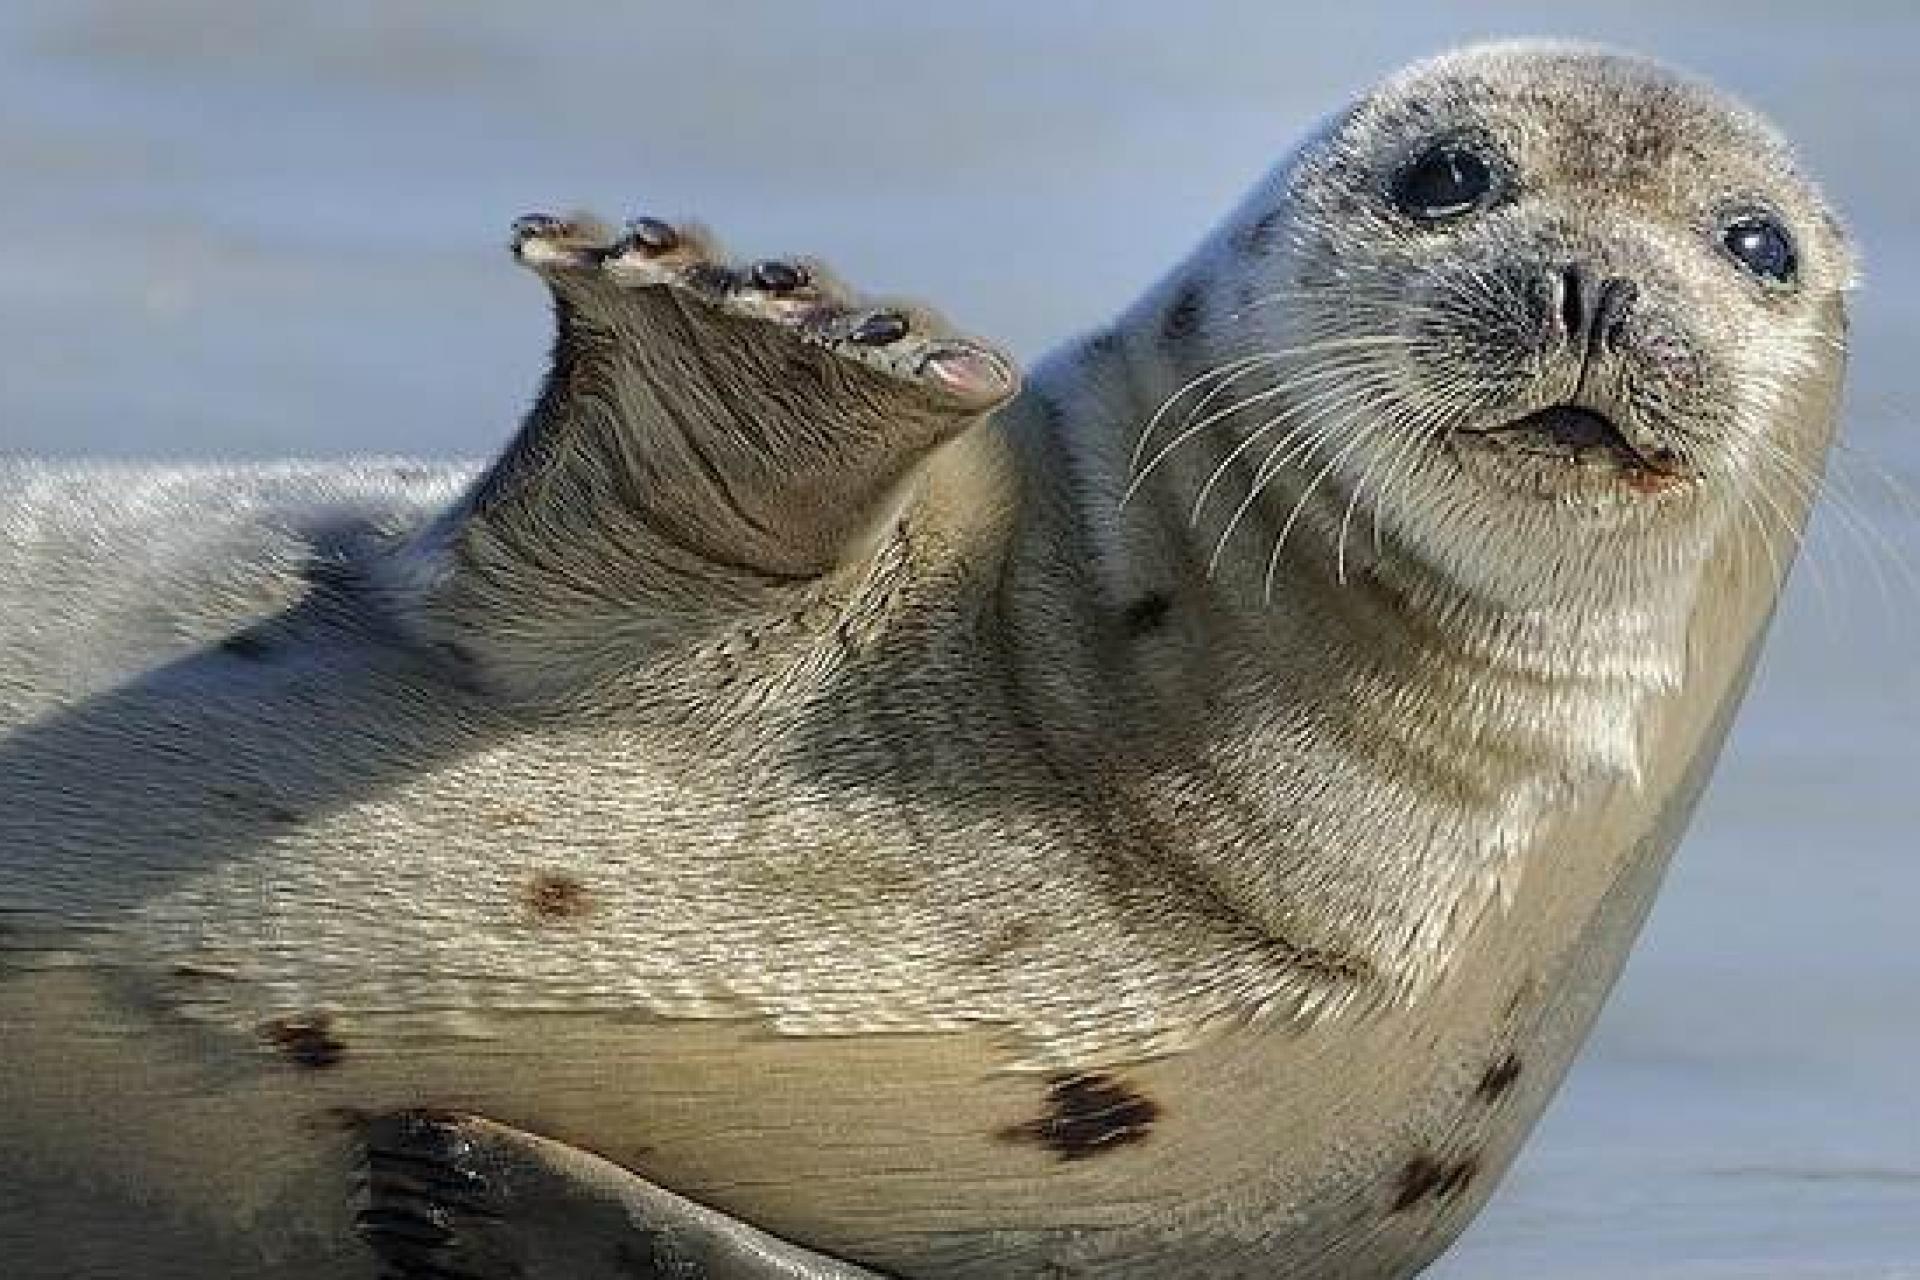 Opera ищет человека, который за 8 тысяч евро две недели будет смотреть глупые мемы и видео с тюленями